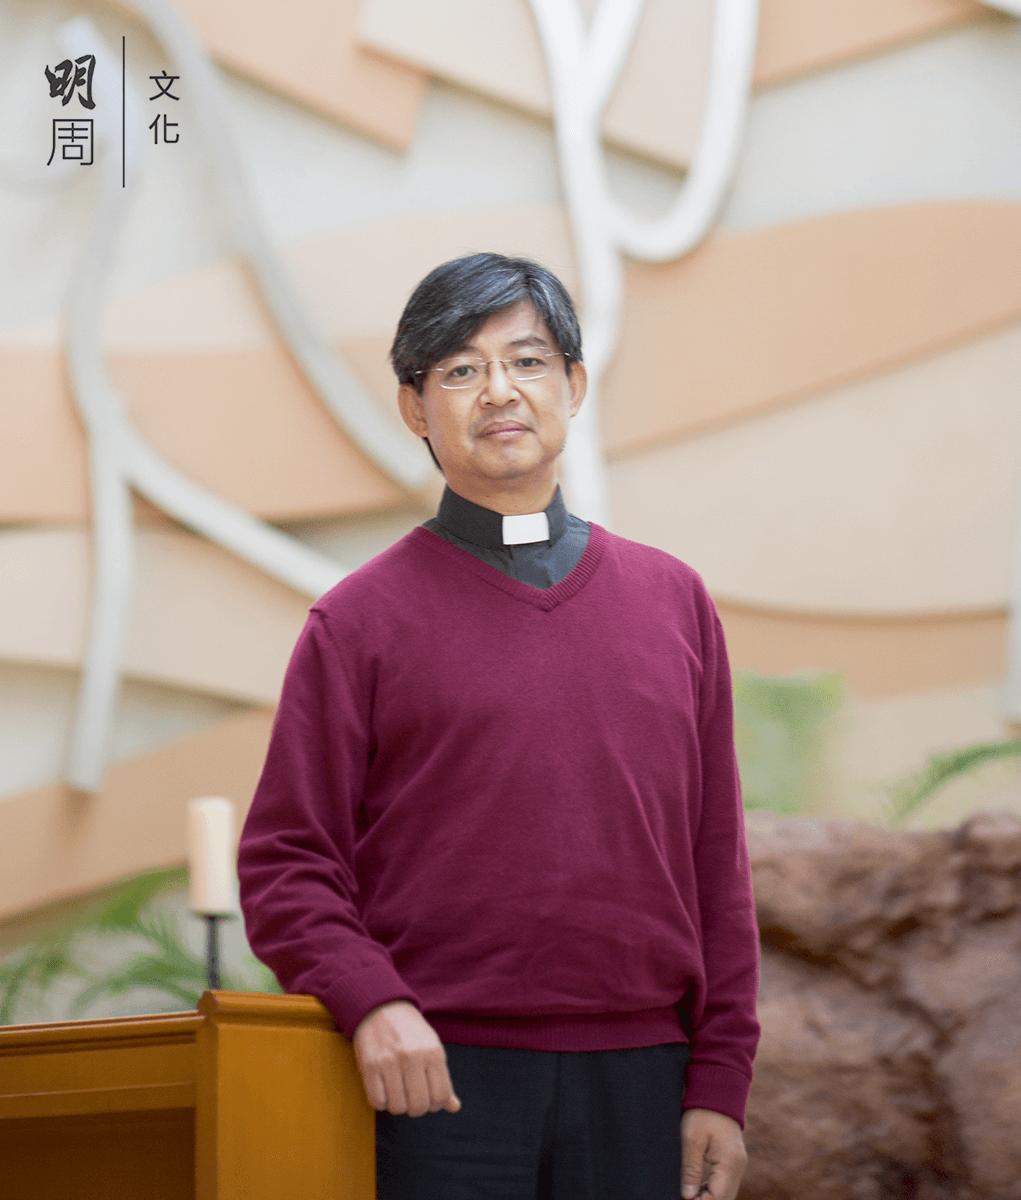 香港聖公會明華神學院副院長林振 偉牧師說,宗教最深層的部分就是 一切的共通,是世界大同,而那裏 再也沒有界限。